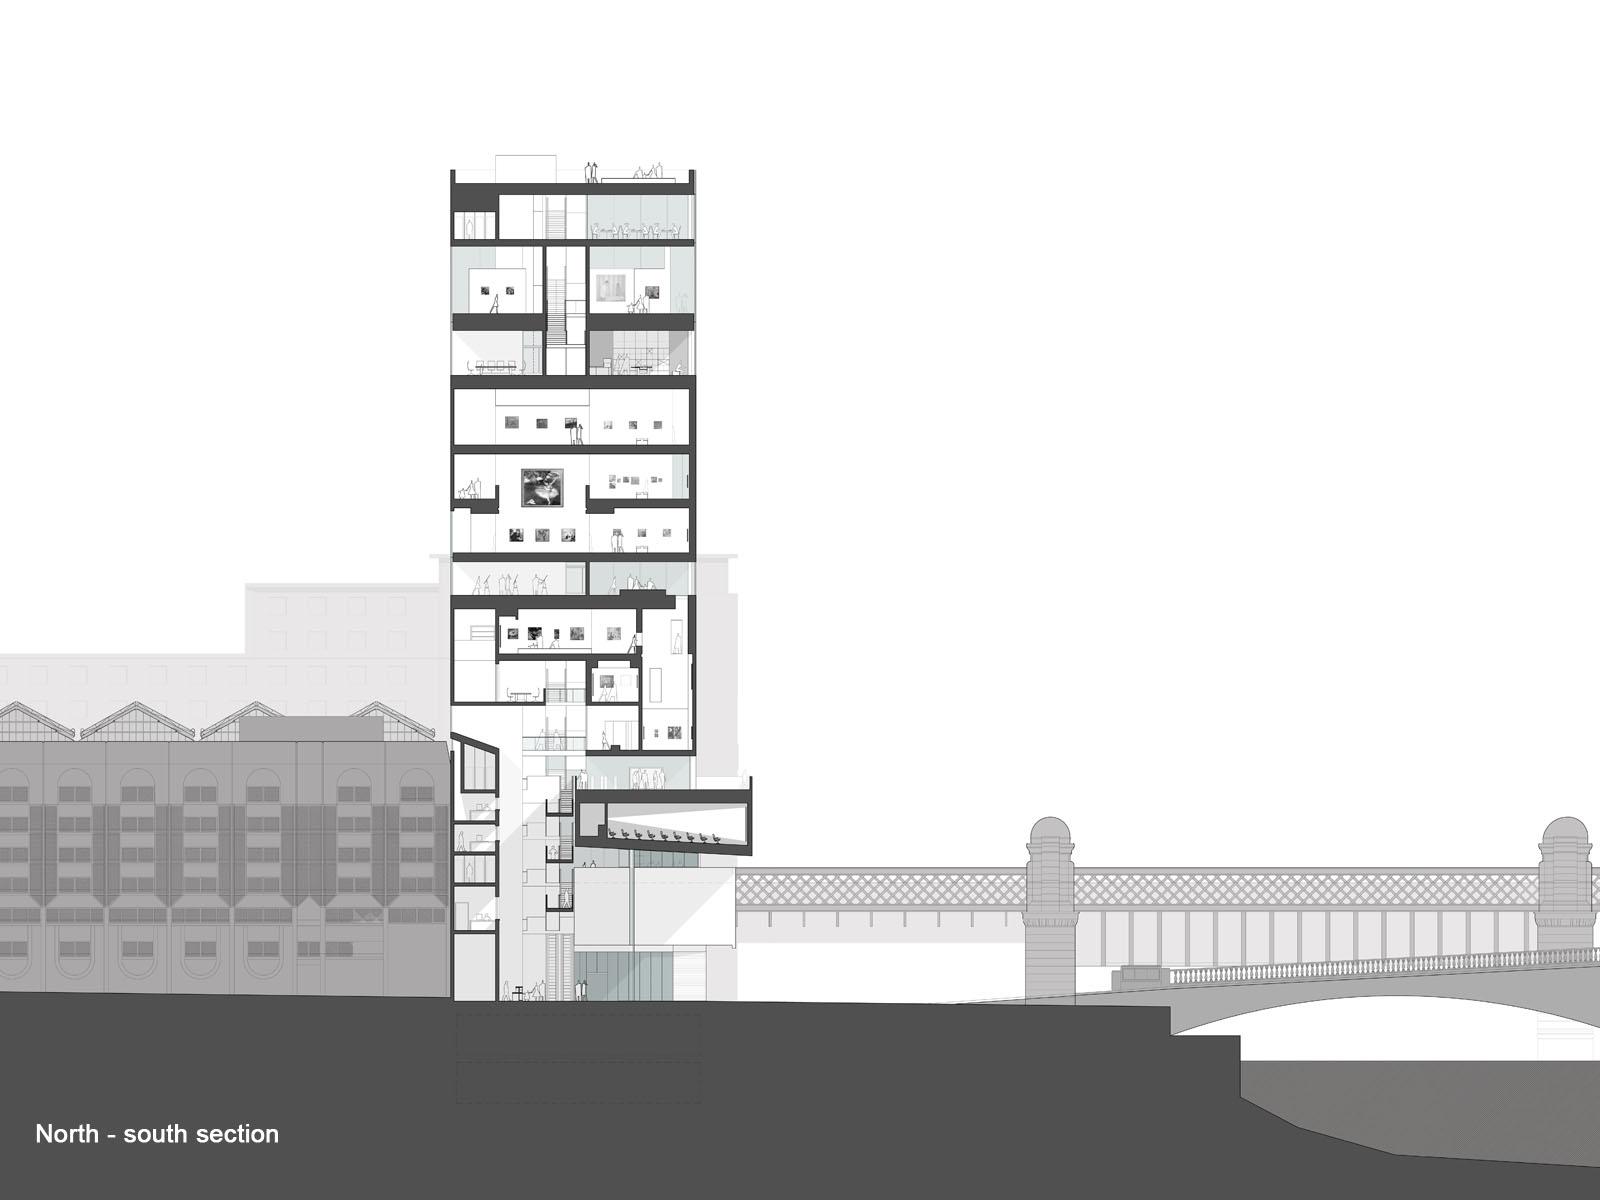 landscape architecture dissertations